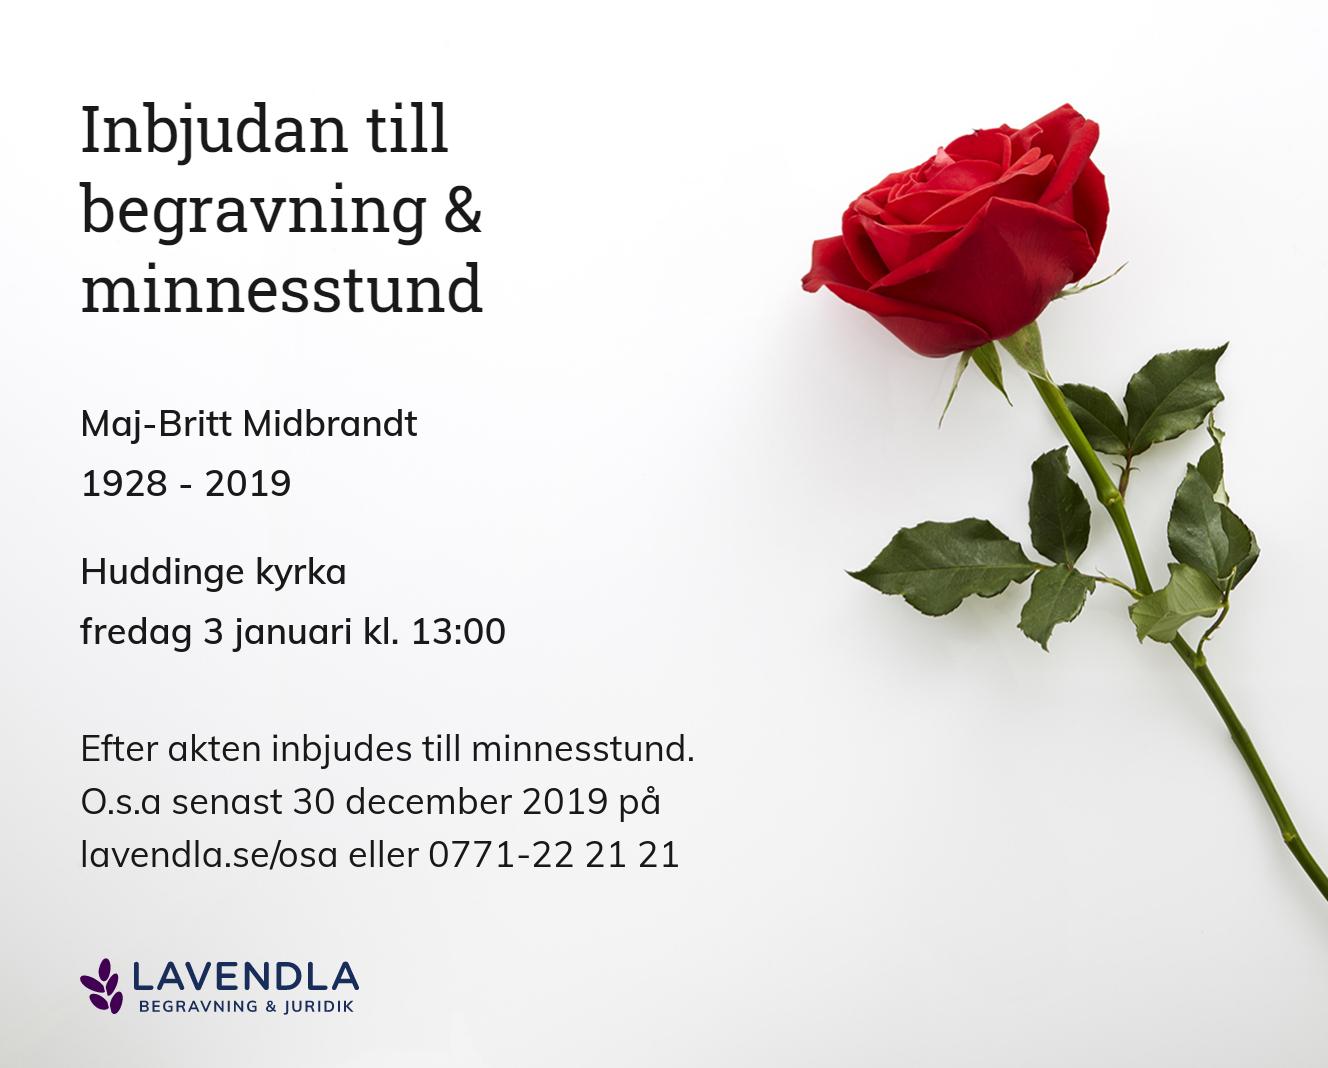 Inbjudningskort till ceremonin för Maj-Britt Midbrandt